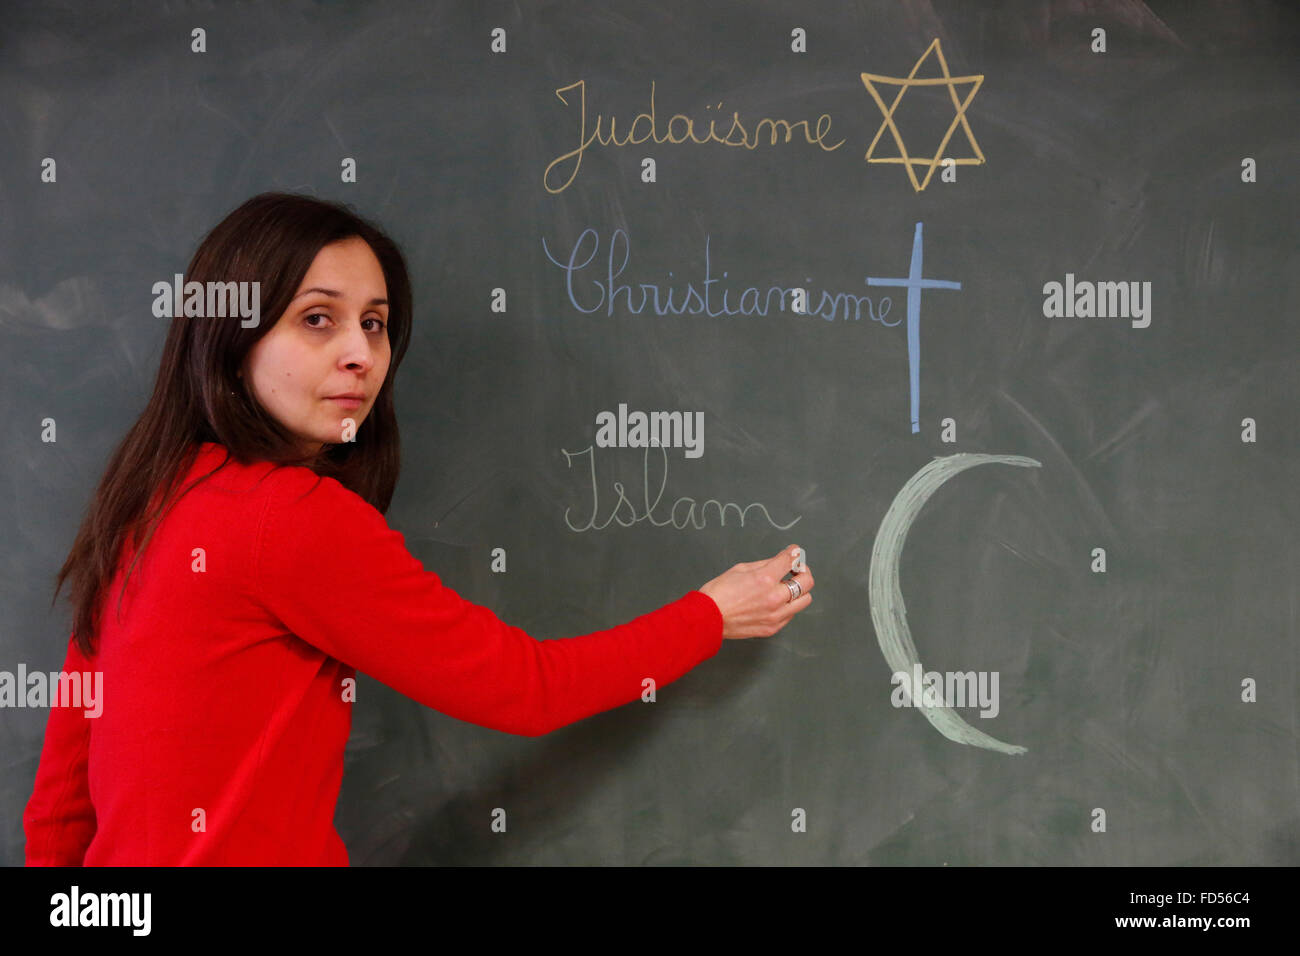 Schullehrer Religionen zu erklären. Stockbild